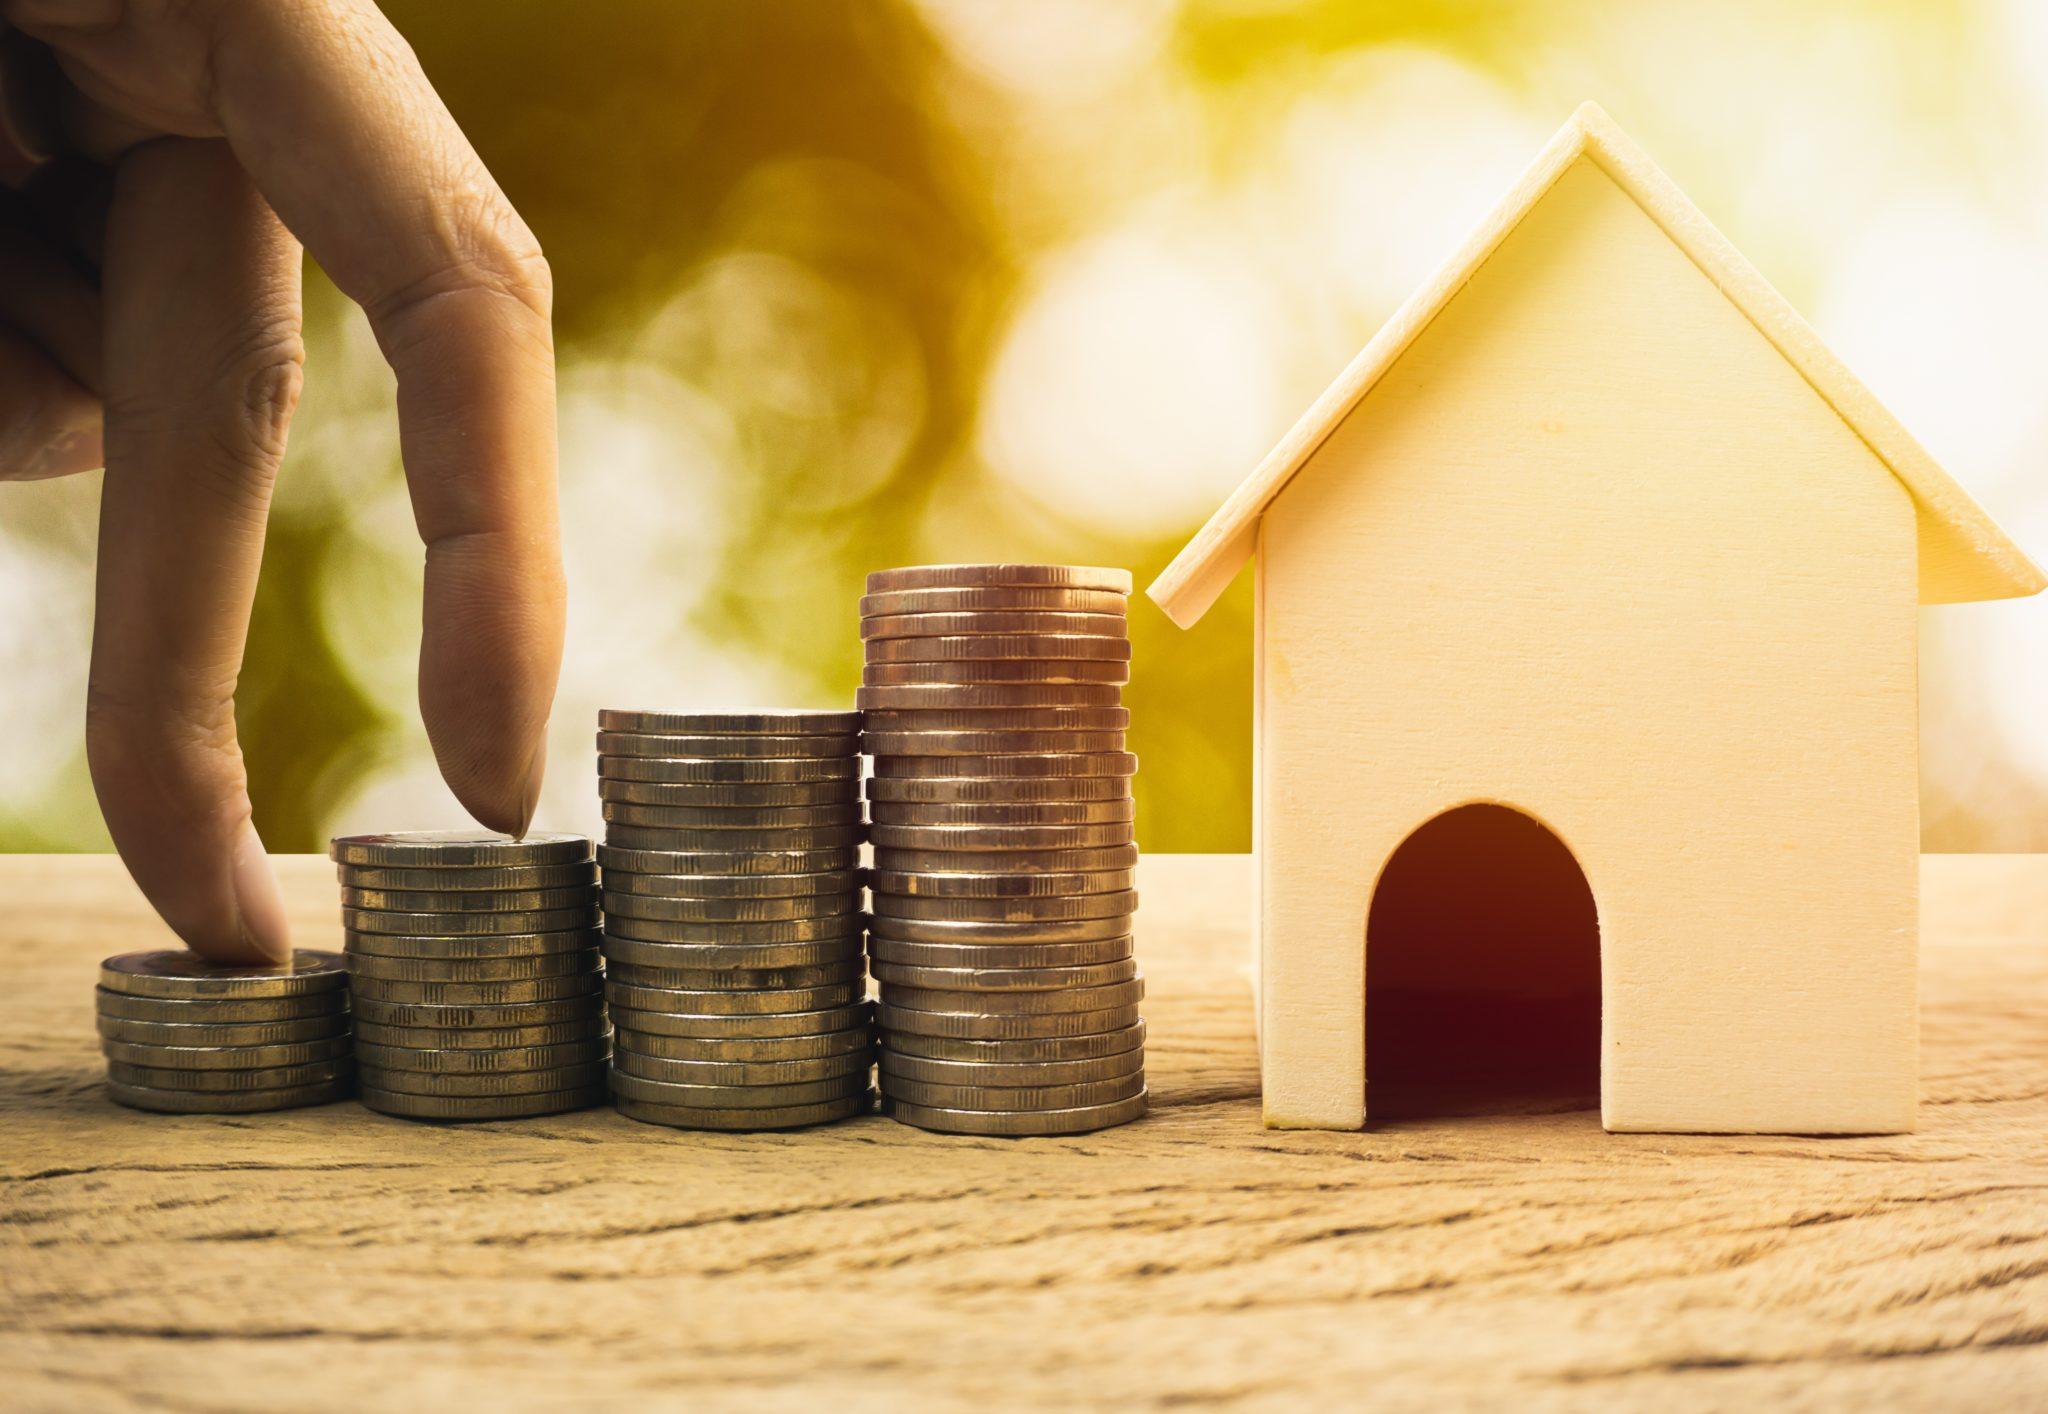 Pilhas de moedas ao lado de uma casa